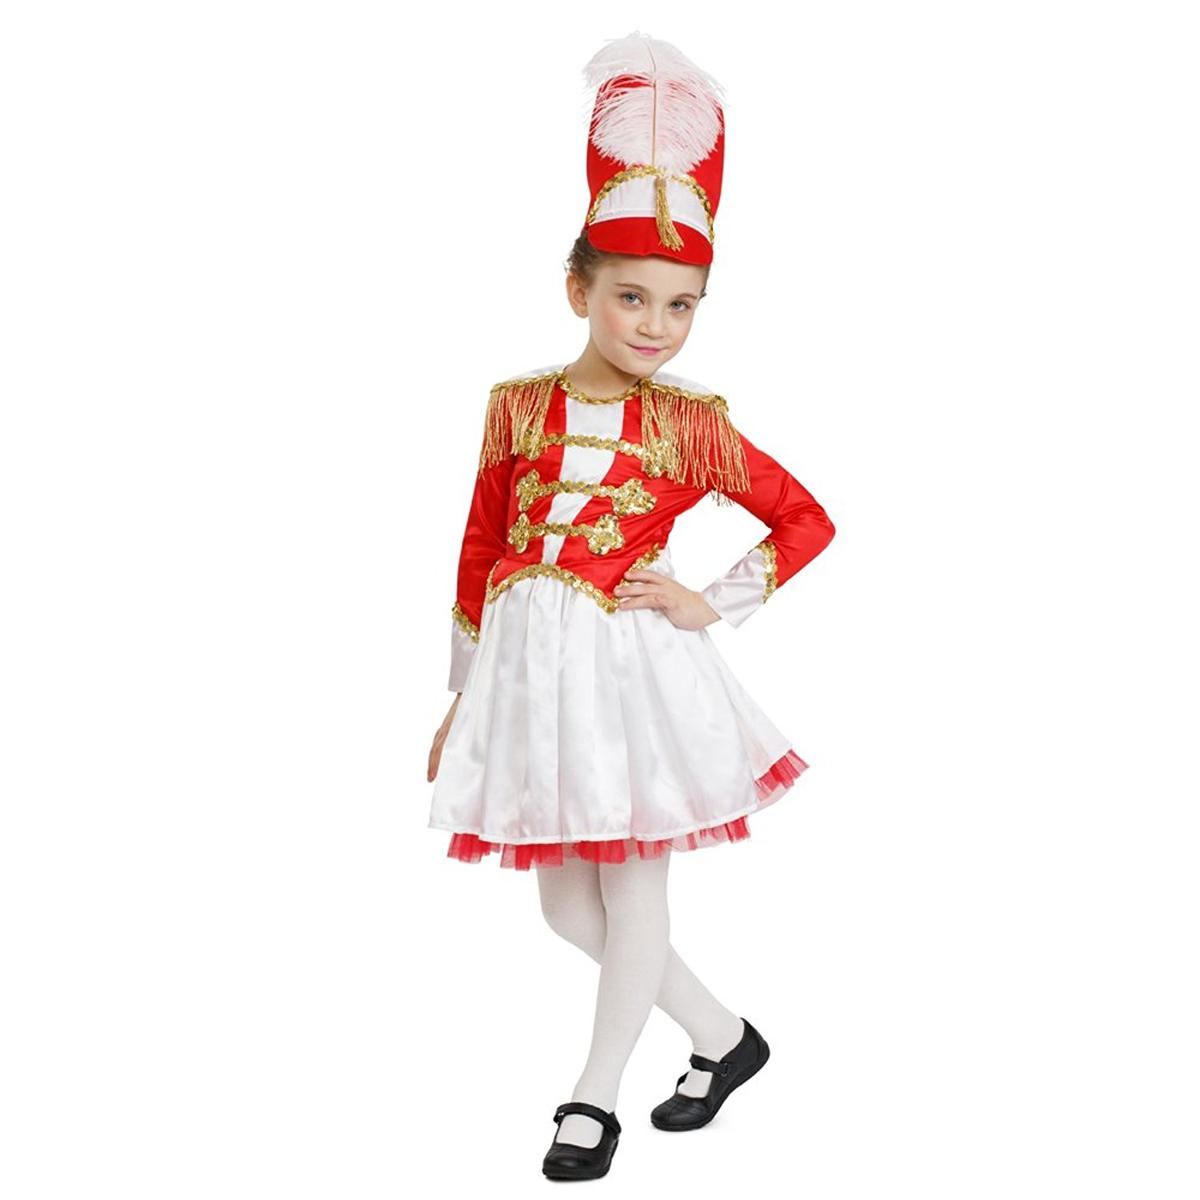 マーチングバンド 楽隊長 リーダー バトンガール 衣装 コスチューム 子供 女の子